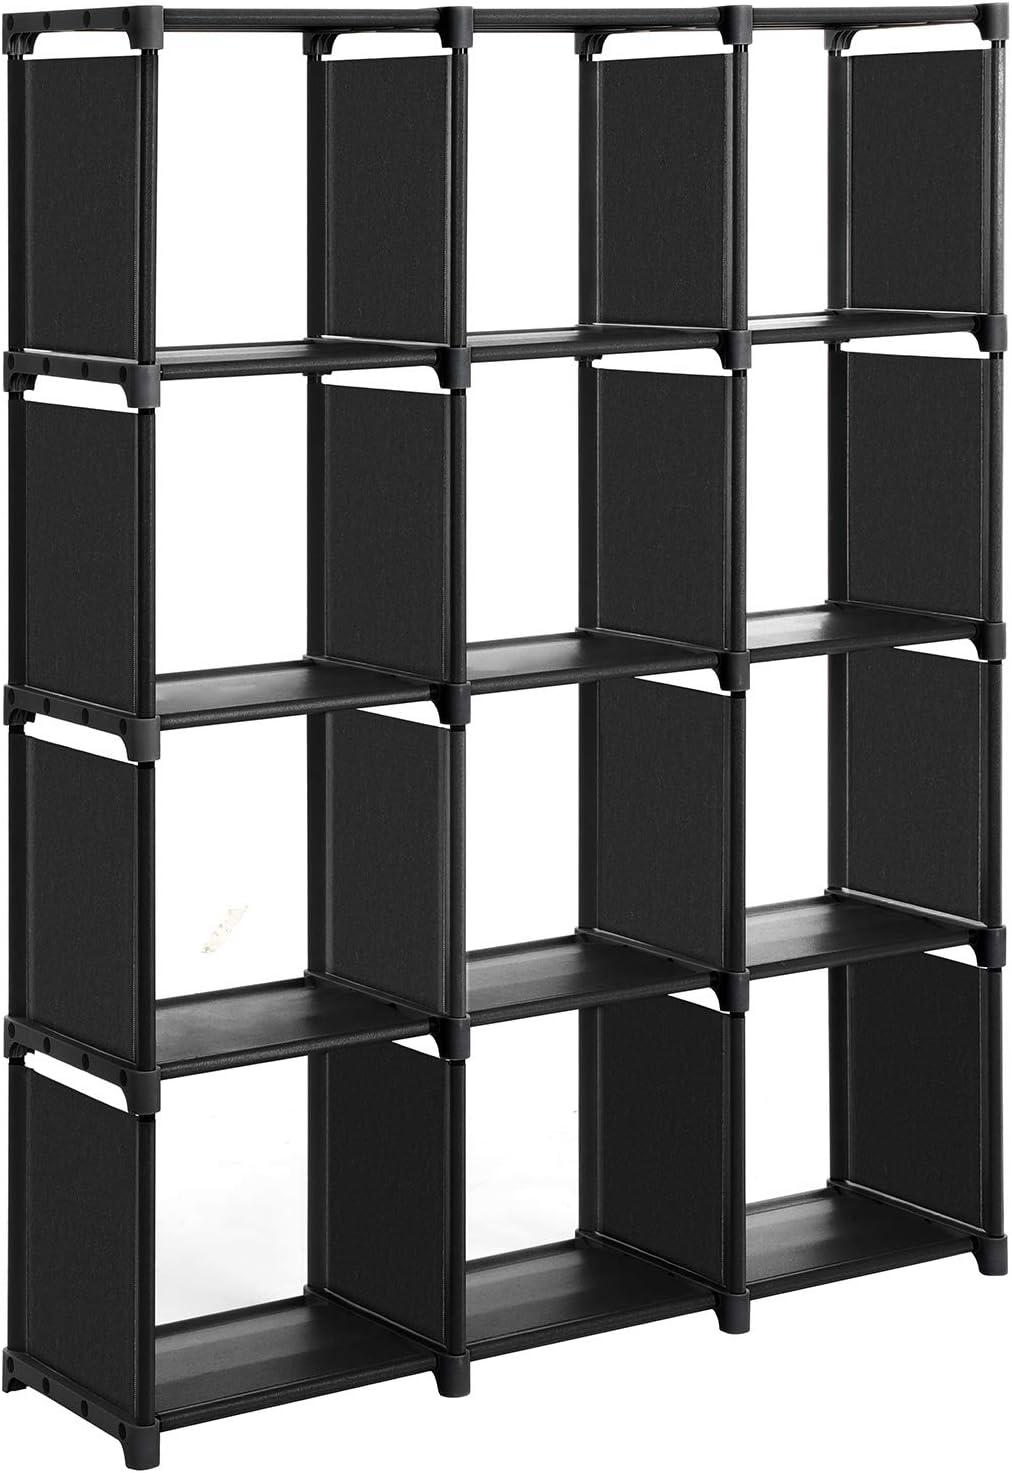 SONGMICS Cubos de Almacenamiento, Librería con 12 Compartimentos, Armario Modular, para Salón, Dormitorio, Baño, 105 x 30 x 140 cm, Martillo de Goma Incluido, Negro LSN12BK